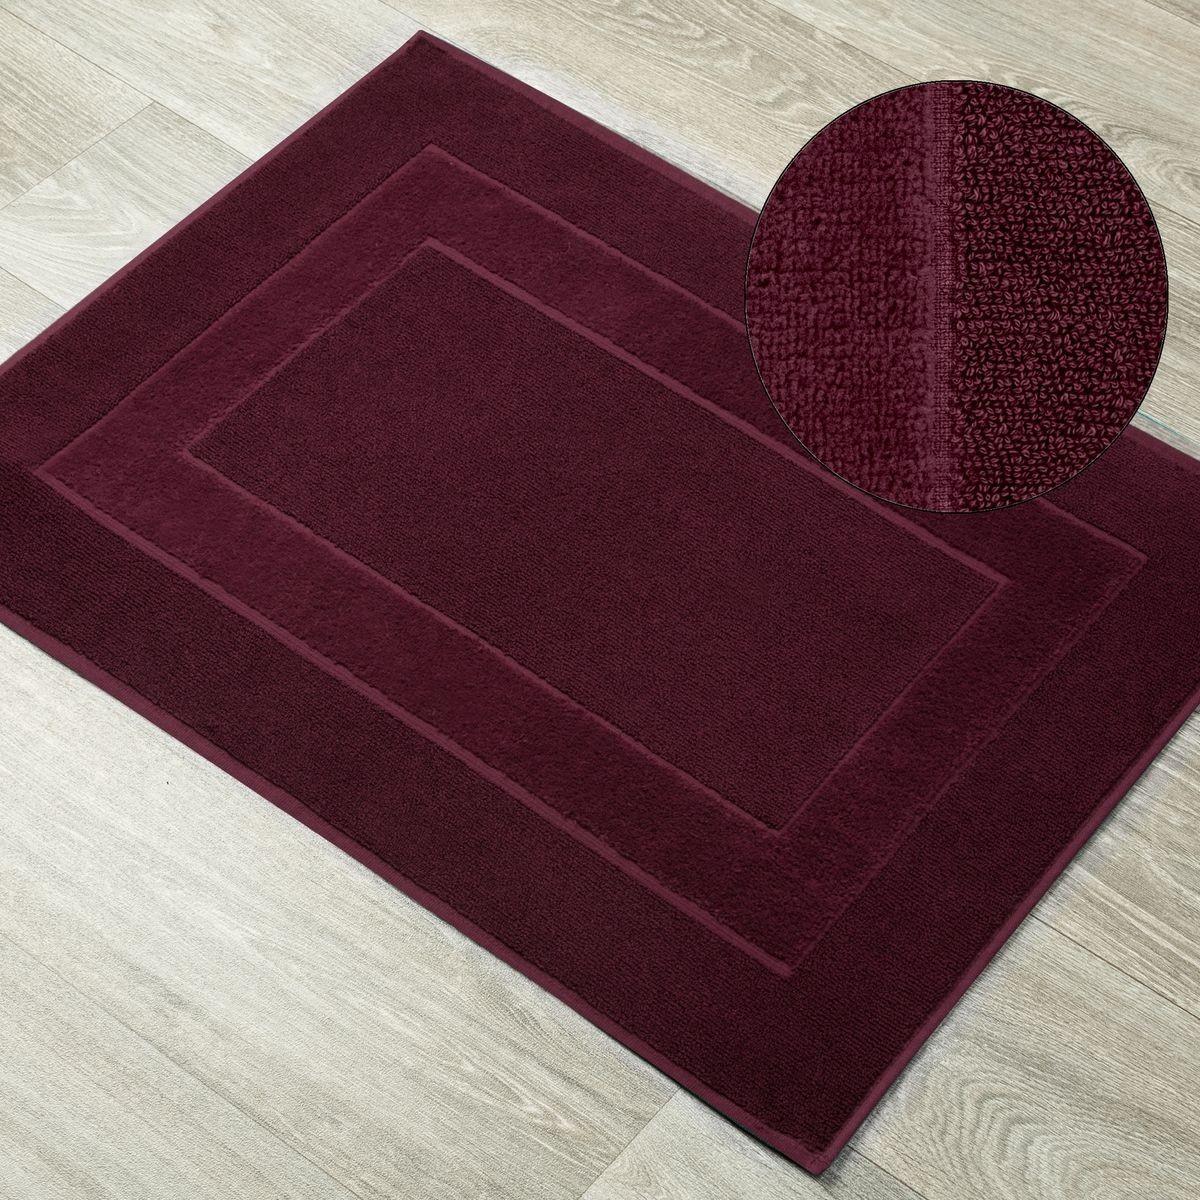 DomTextilu Kúpeľňový koberček z froté bavlny bordový 44535-208246 Bordová